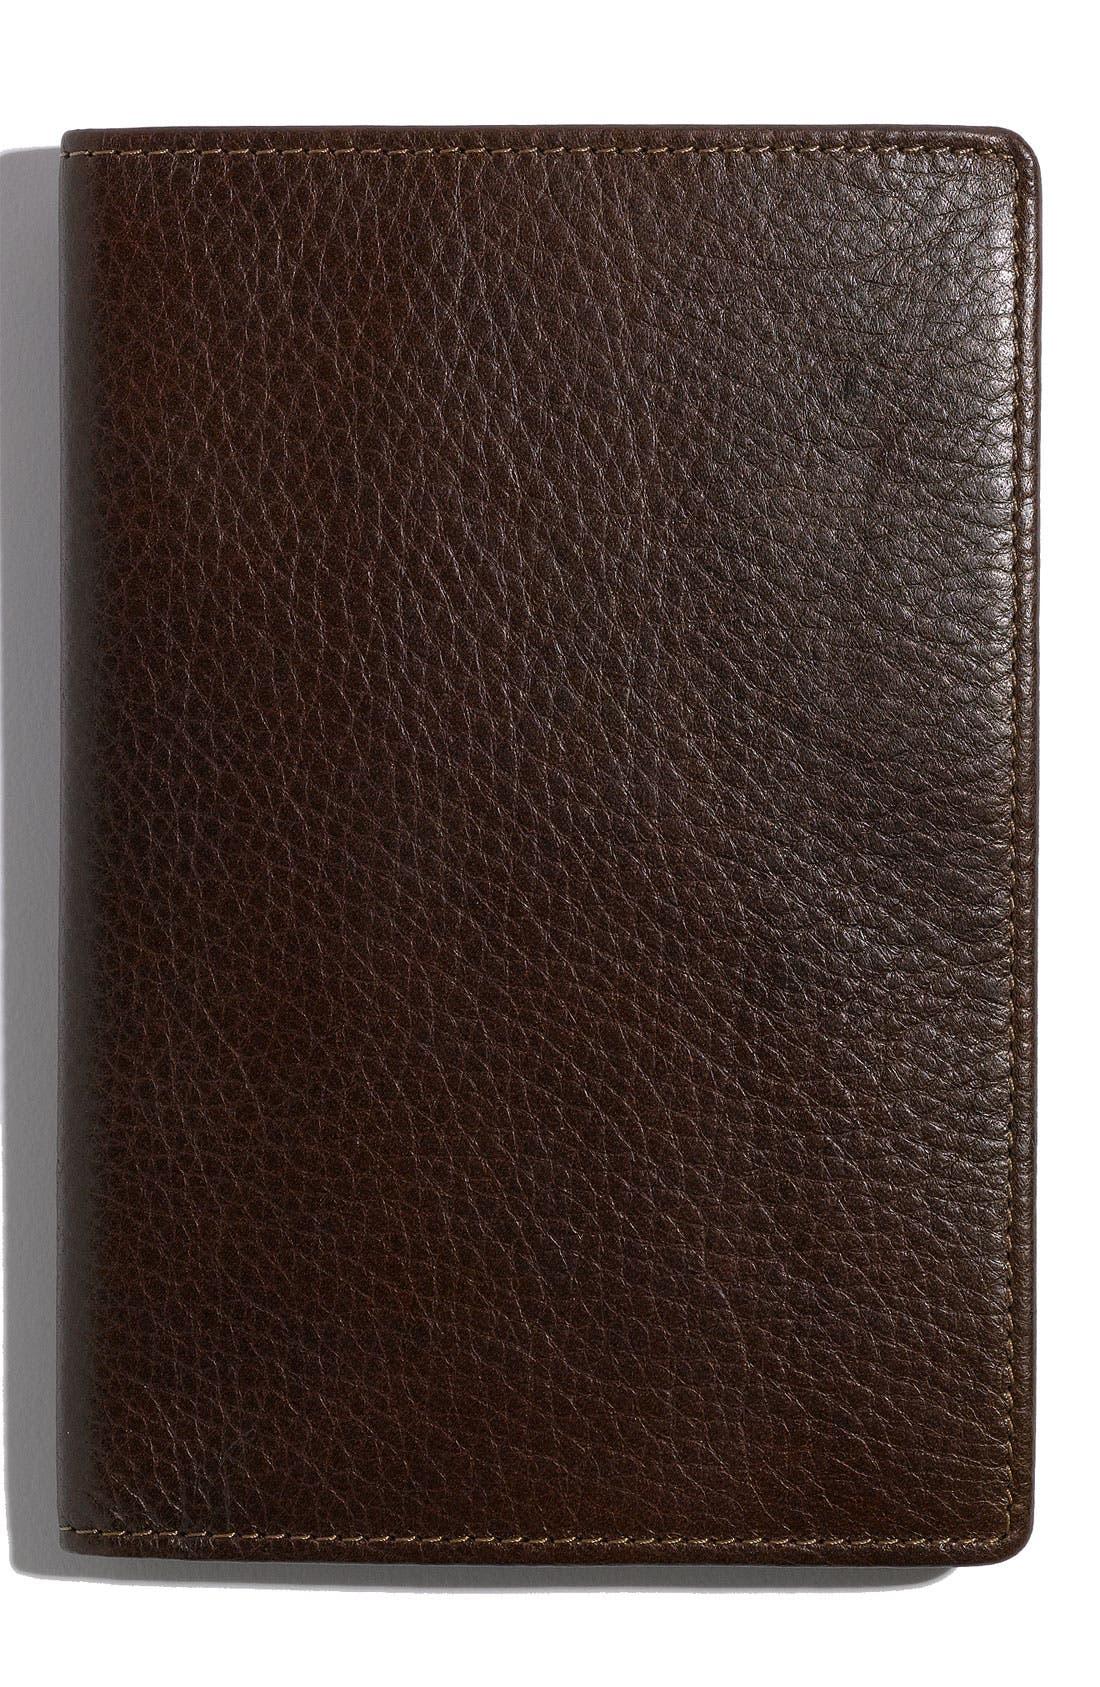 Alternate Image 2  - Boconi Passport Case